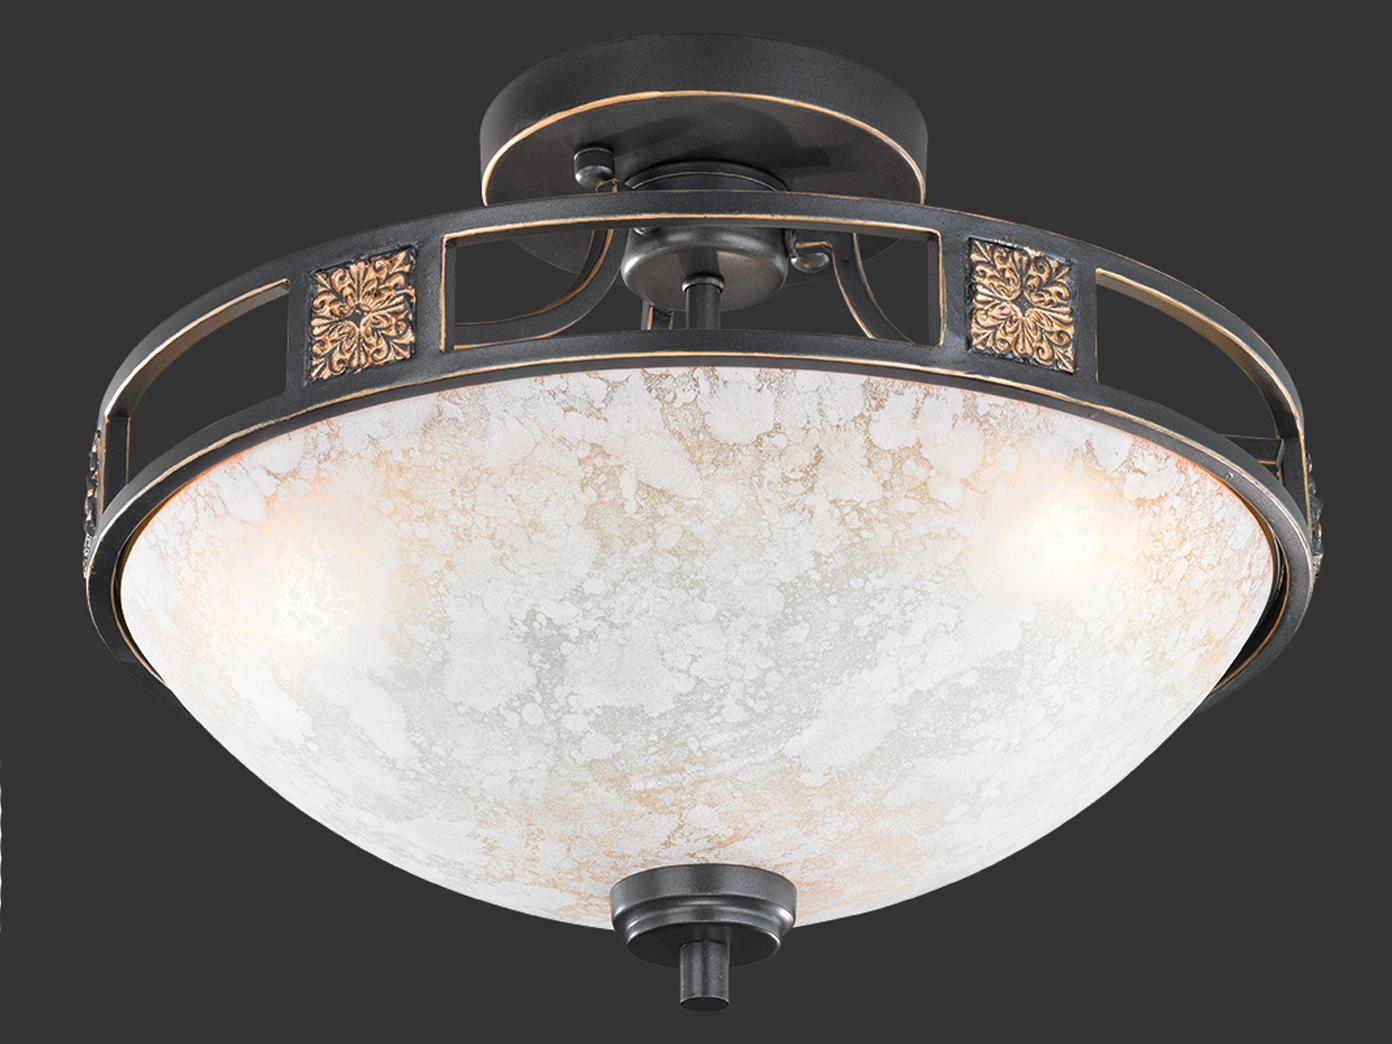 Runde Design Deckenlampen im Landhausstil aus Glas   dimmbare Wohnzimmerleuchten   eBay